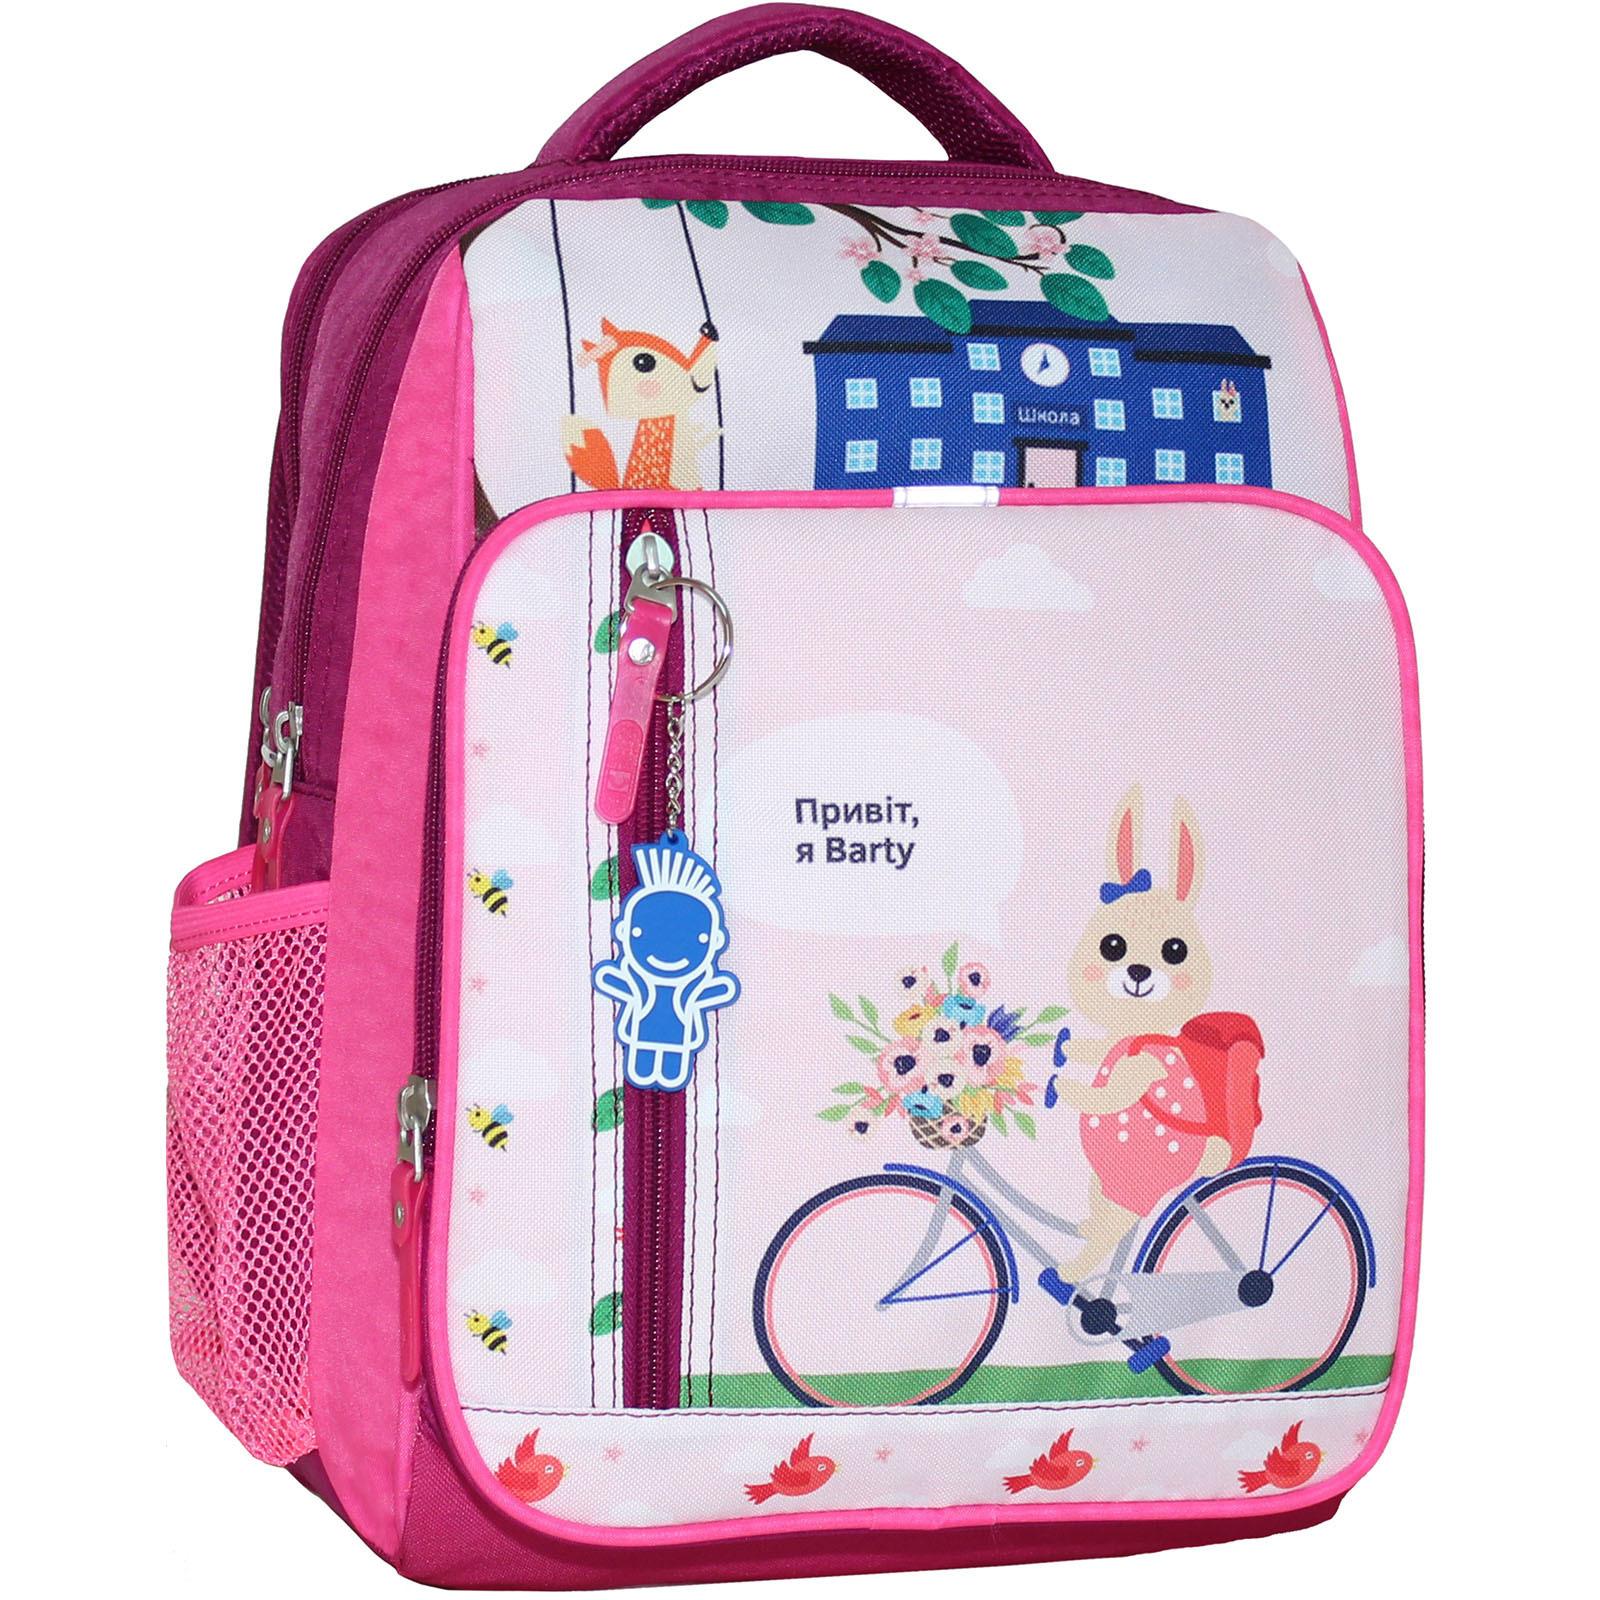 Школьные рюкзаки Рюкзак школьный Bagland Школьник 8 л. 143 малина 430 (00112702) IMG_4929_артикул2430_.JPG